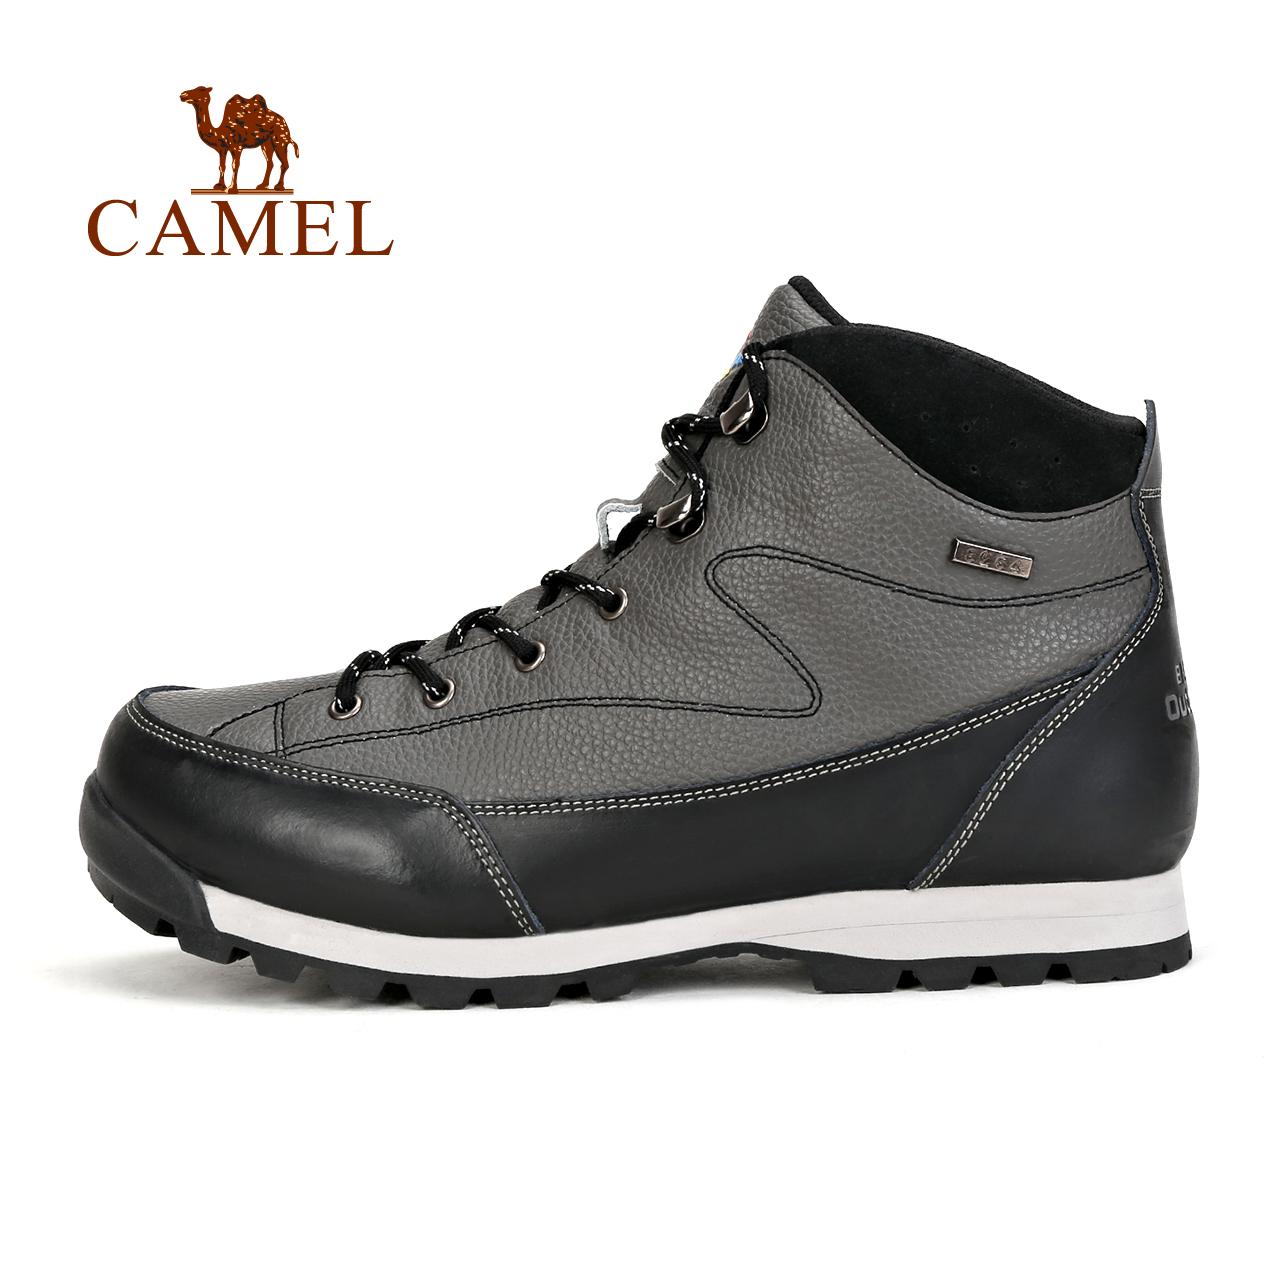 骆驼&8264登山队系列 户外高帮秋冬季防滑耐磨减震透气牛皮登山鞋